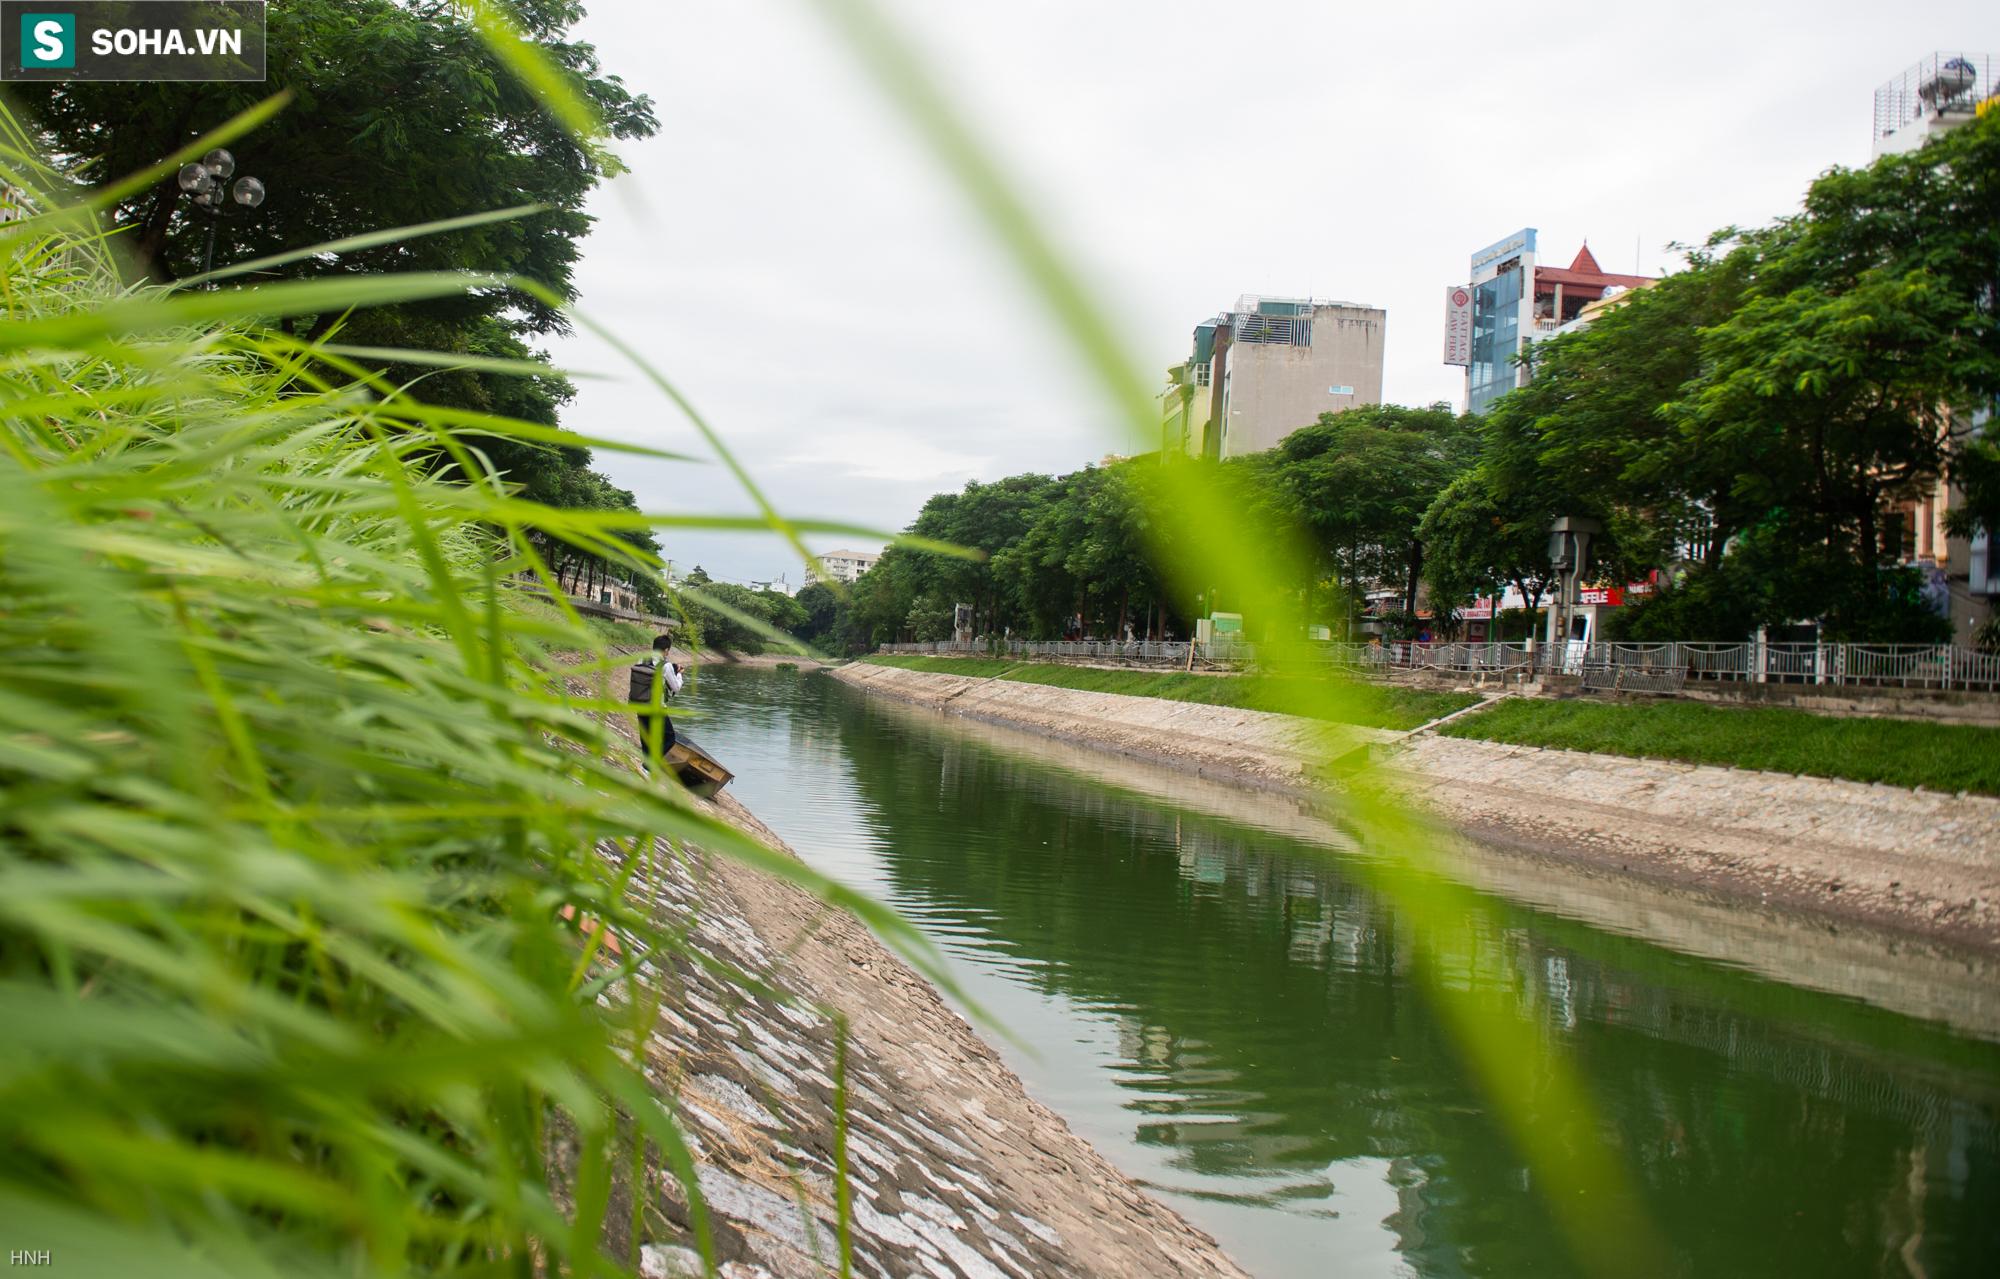 [ẢNH] Cận cảnh dòng nước xanh ngắt hiếm thấy tại sông Tô Lịch, cá bơi nhộn nhịp hàng đàn - Ảnh 2.